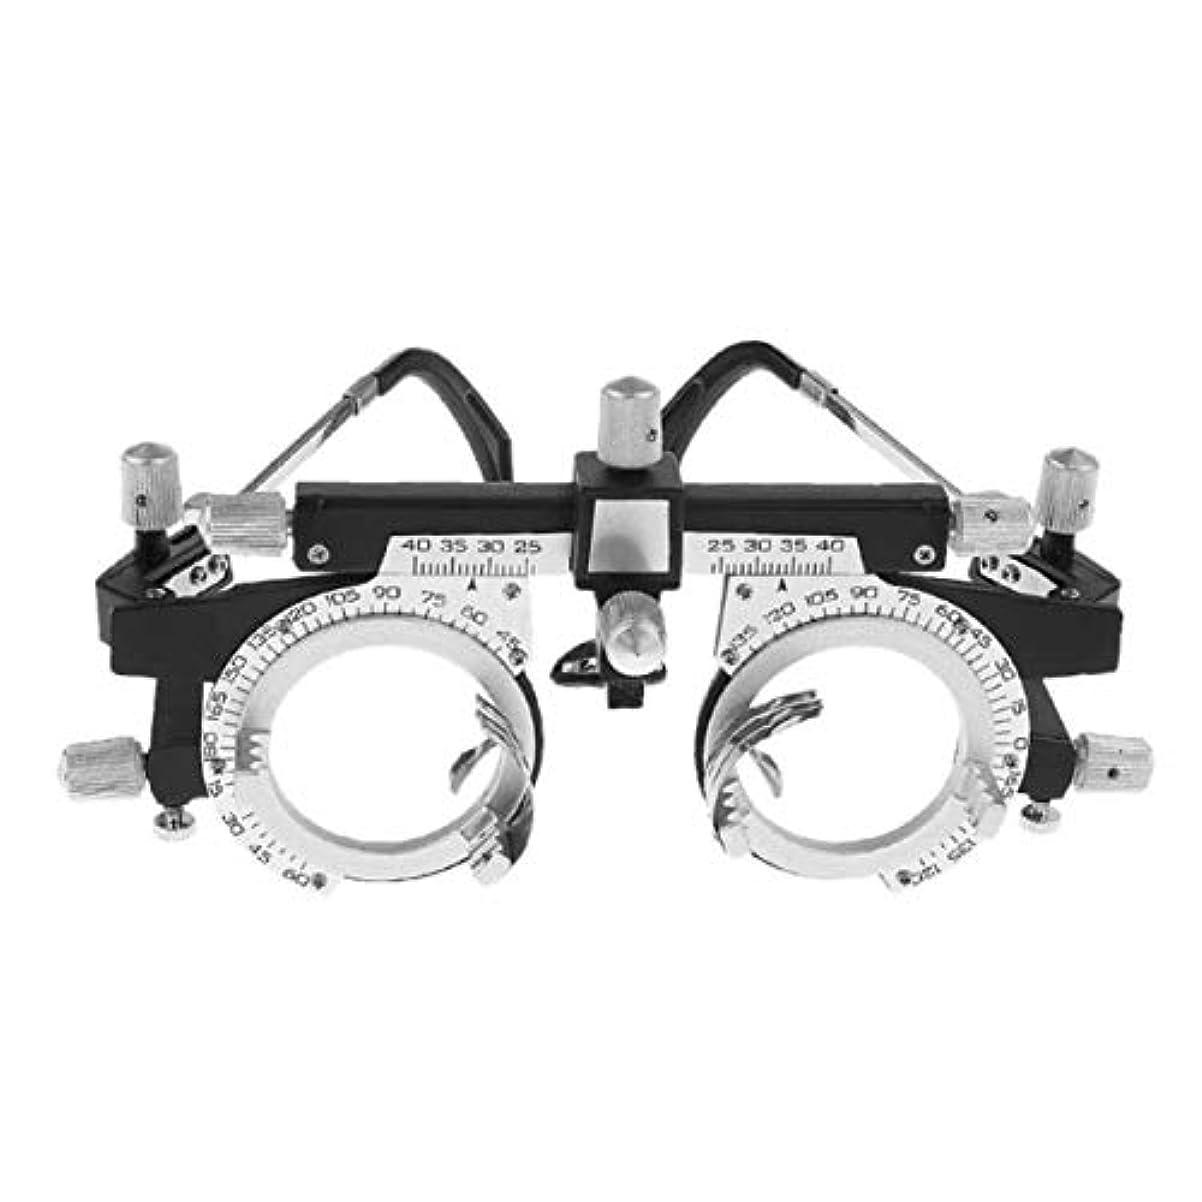 衣類宇宙飛行士甘い調整可能なプロフェッショナルアイウェア検眼メタルフレーム光学眼鏡眼鏡トライアルレンズメタルフレームPD眼鏡アクセサリー-シルバー&ブラック